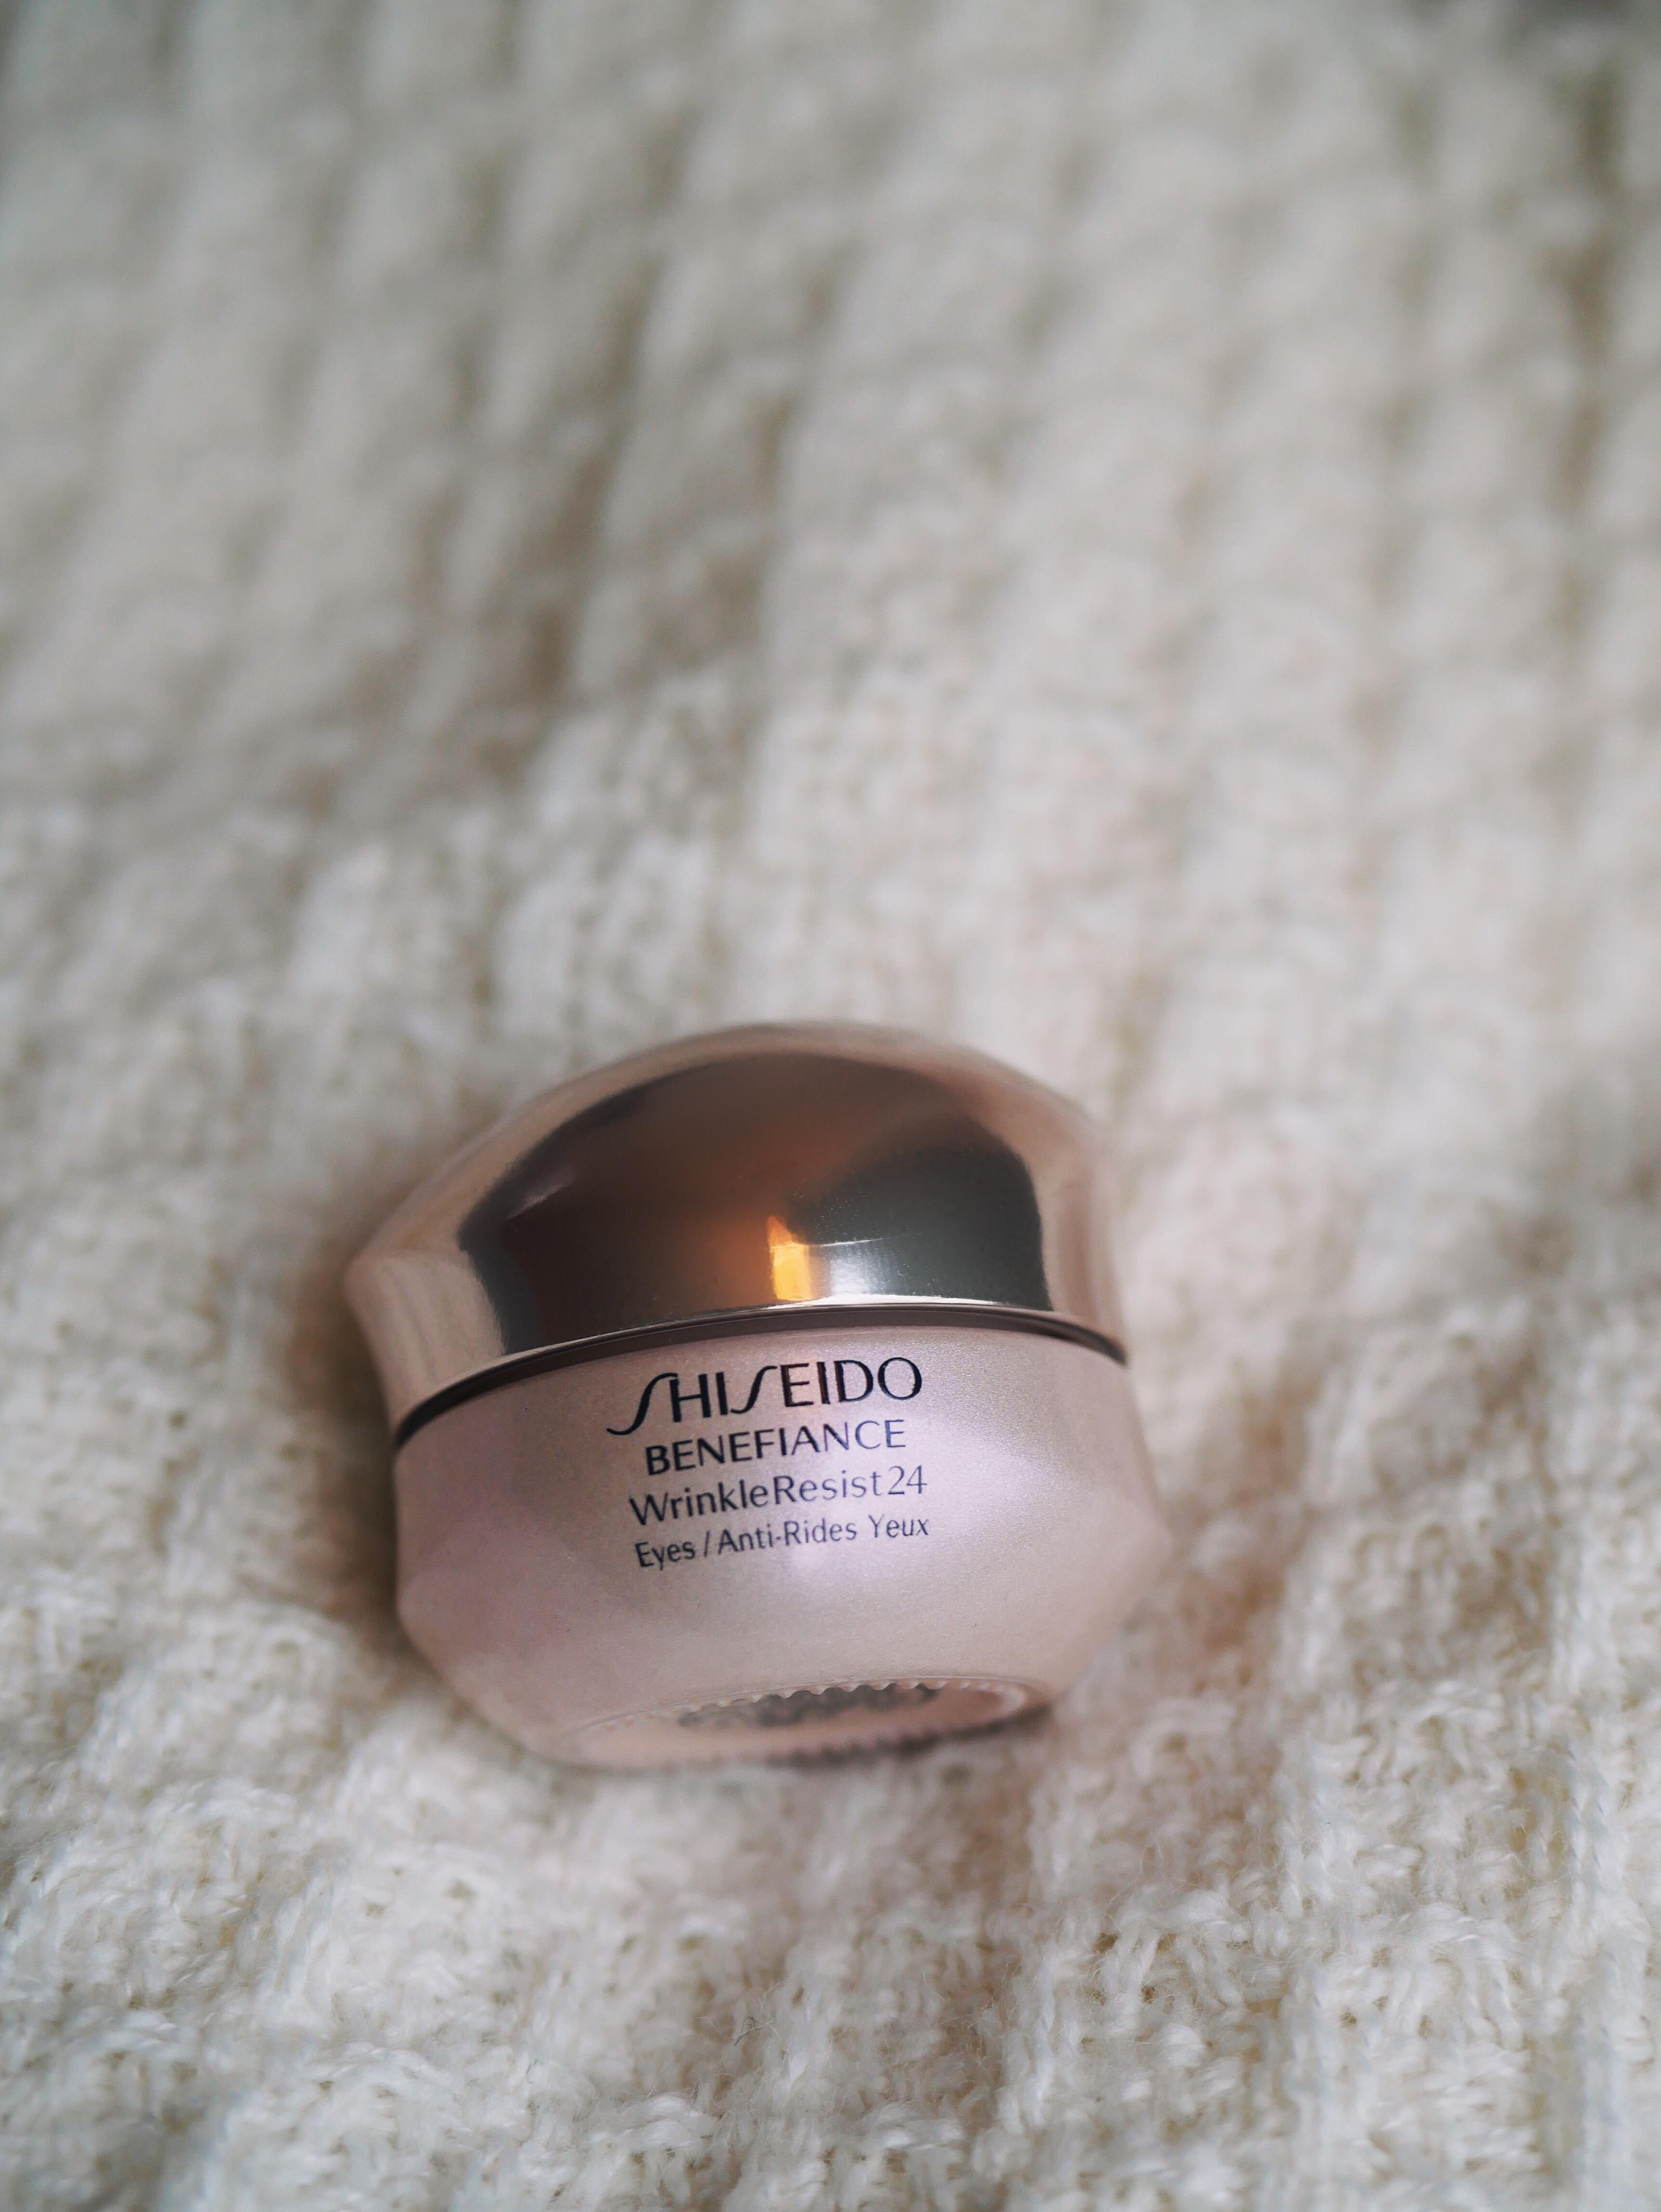 Shiseido Benefiance WrinkleResist